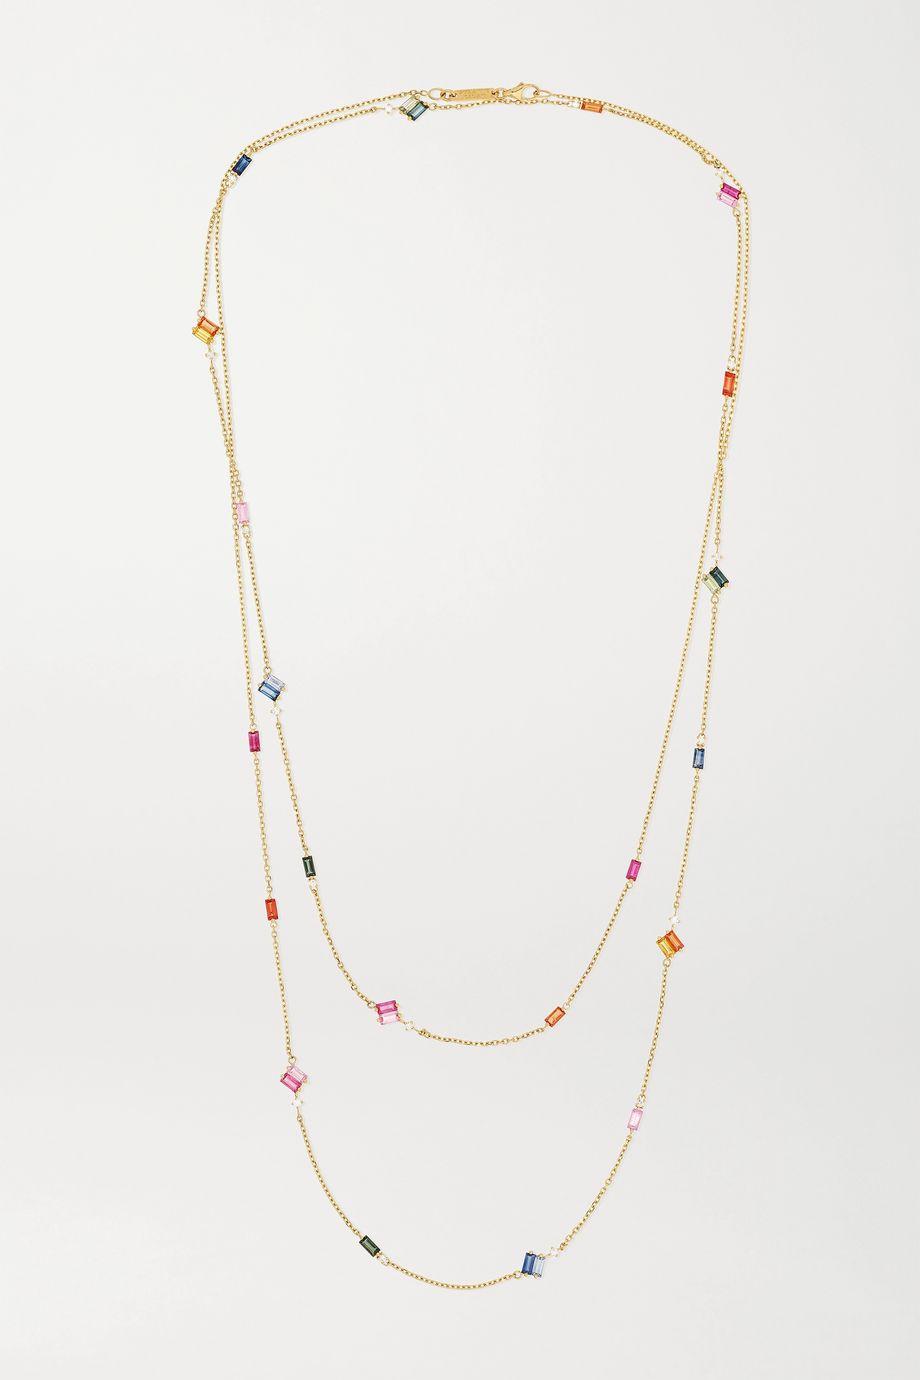 Suzanne Kalan Collier en or 18 carats, saphirs et diamants